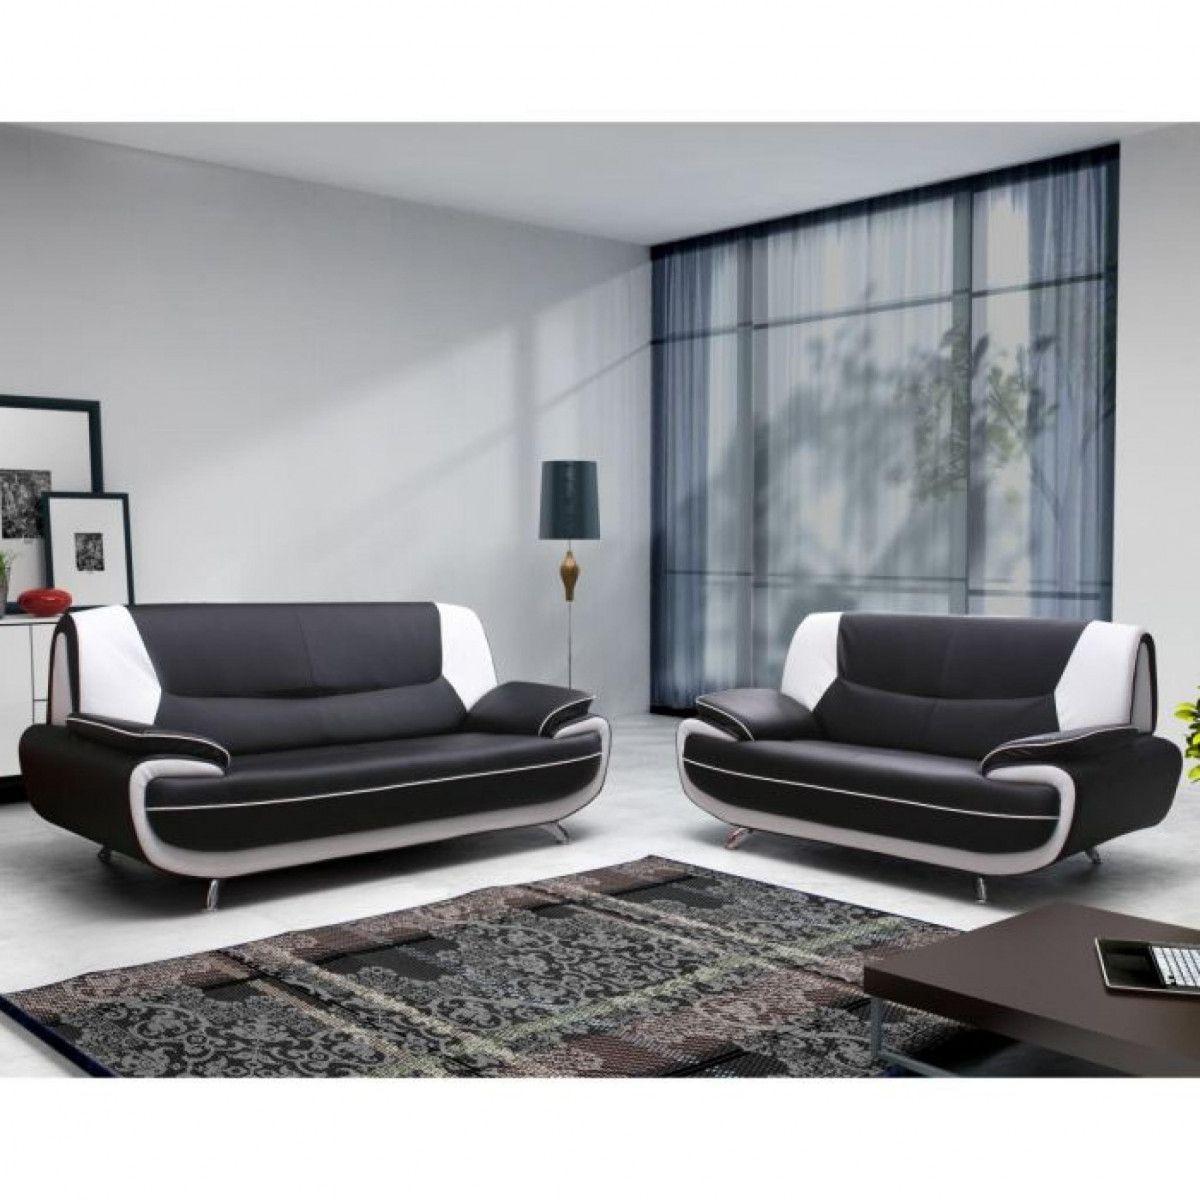 Canapé 3 places en simili cuir noir et blanc design